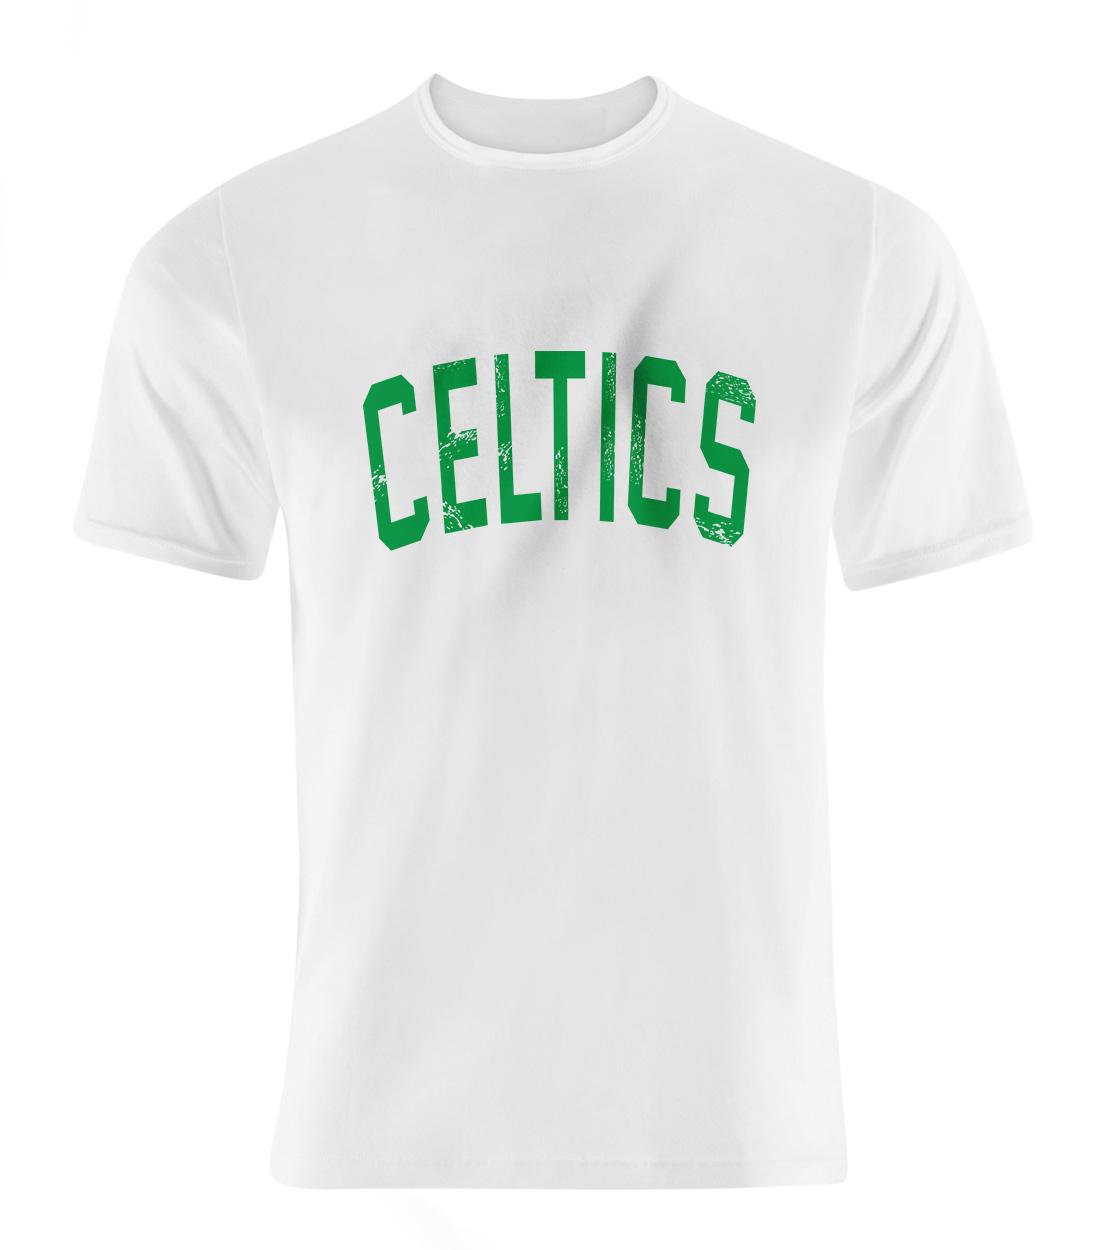 Boston Celtics Retro Tshirt (TSH-WHT-NP-24-NBA-BSTN-CEL.RETRO)